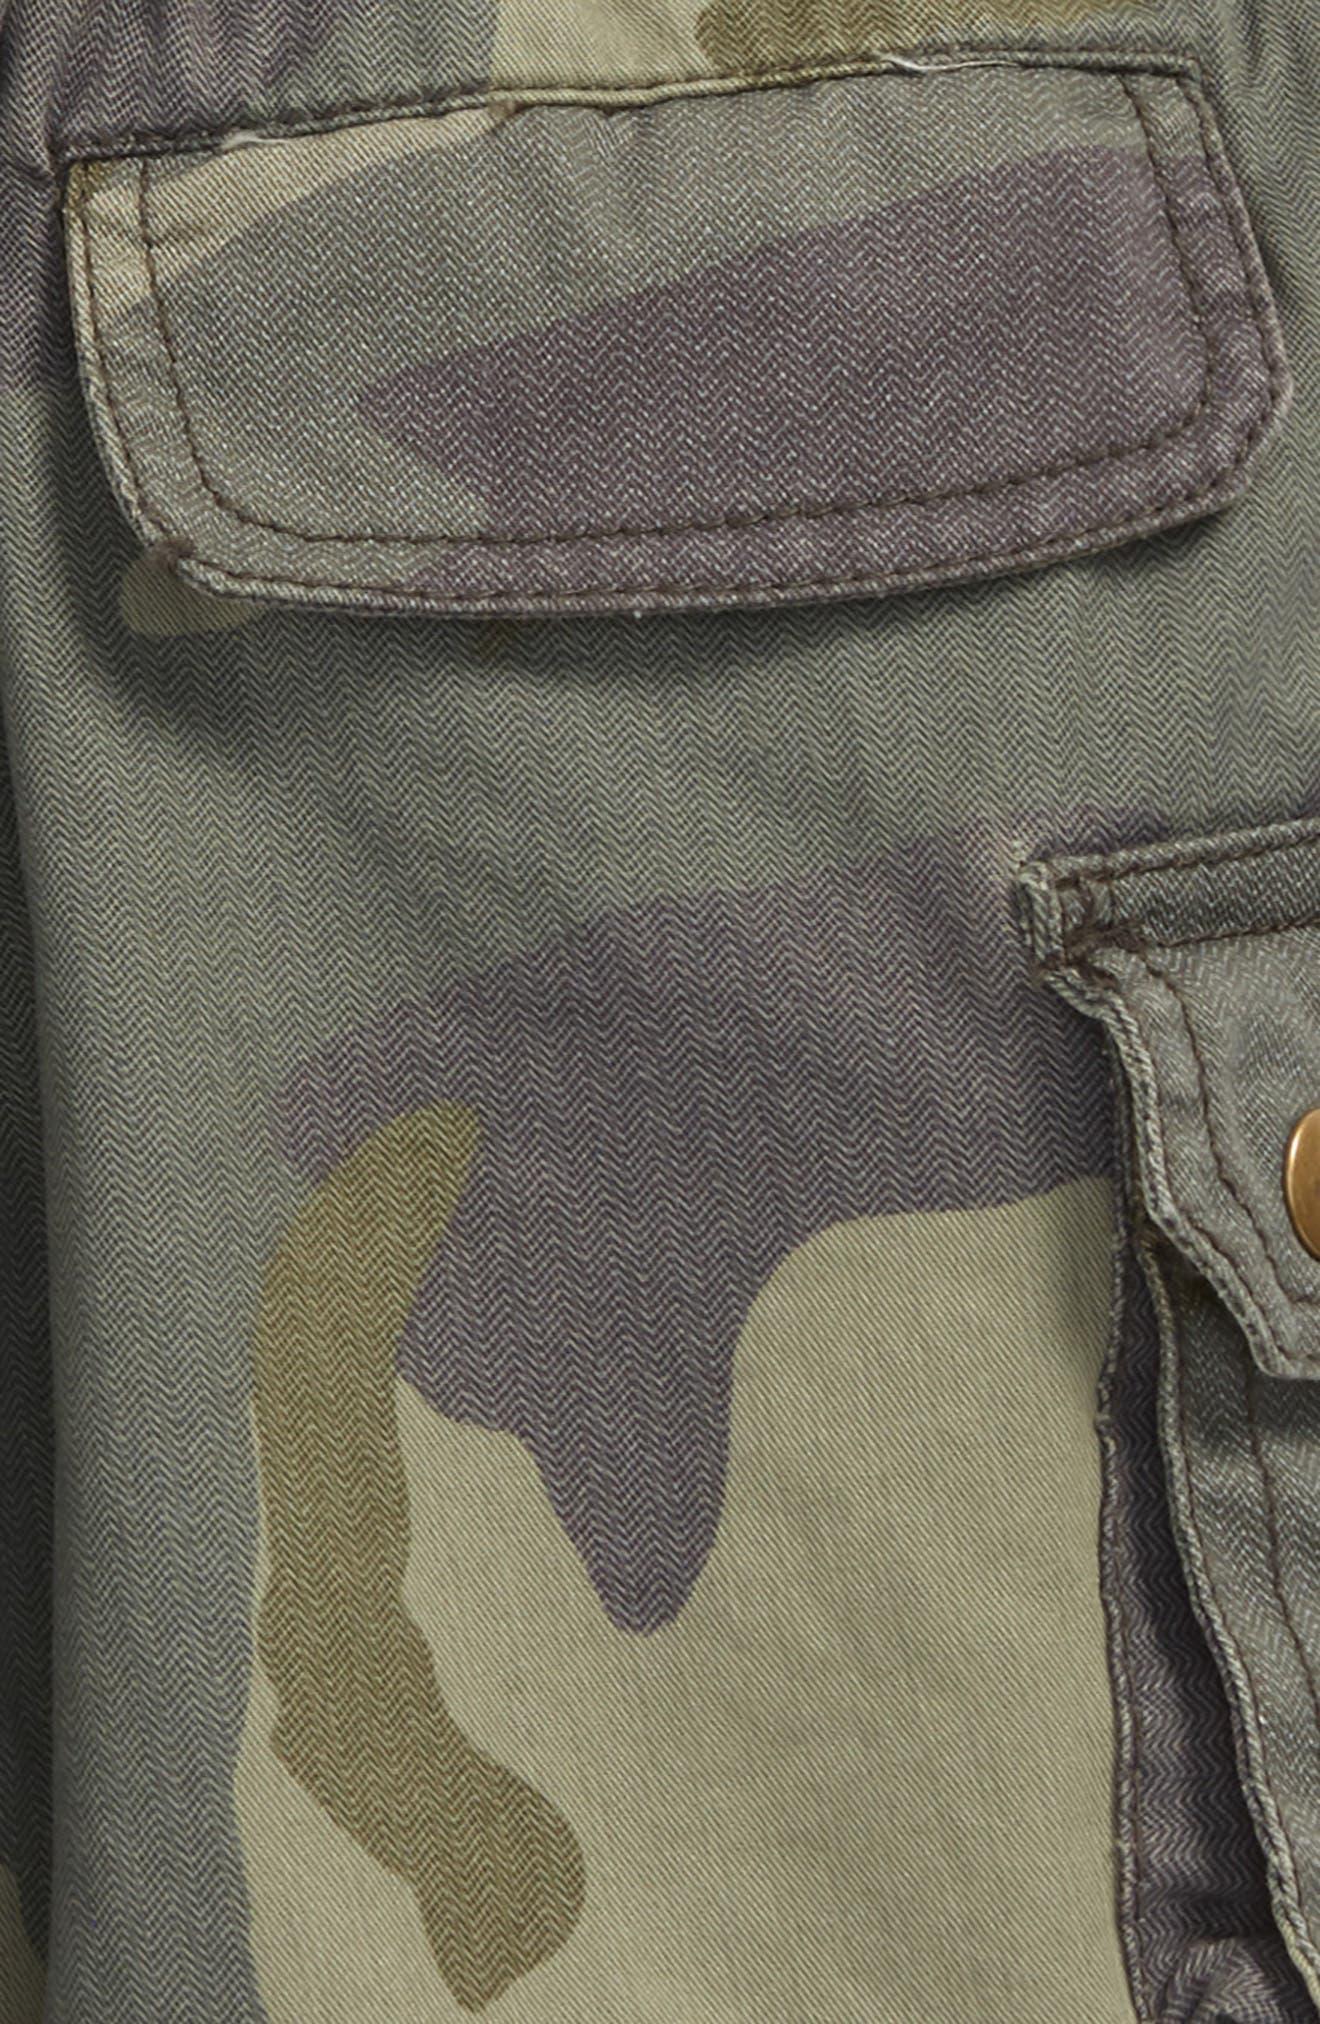 Explorer Camo Shorts,                             Alternate thumbnail 3, color,                             Olive